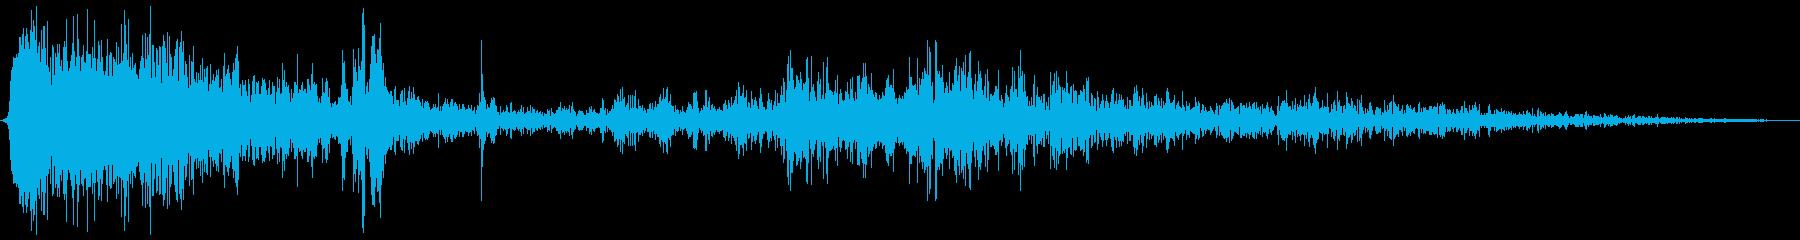 【銃声音006】ロケットランチャー発射音の再生済みの波形